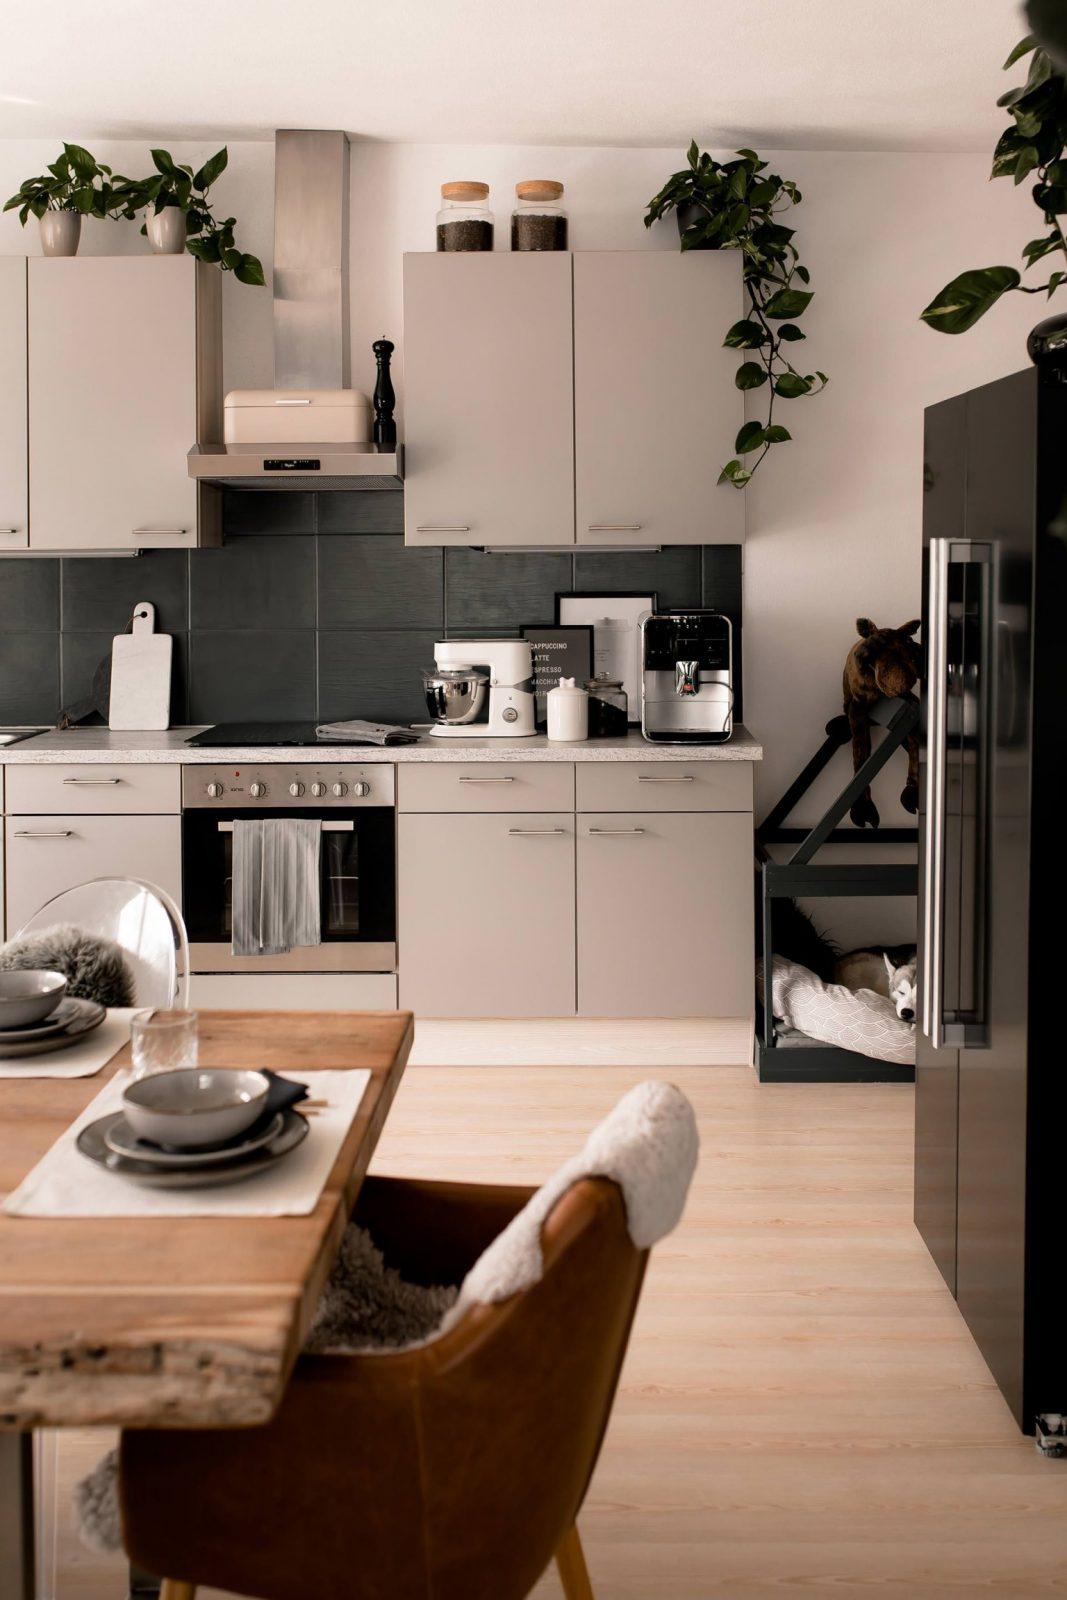 Küche Verschönern Mit Wenig Aufwand Mein Küchenmakeover Inkl von Küche Neu Streichen Und Gestalten Photo